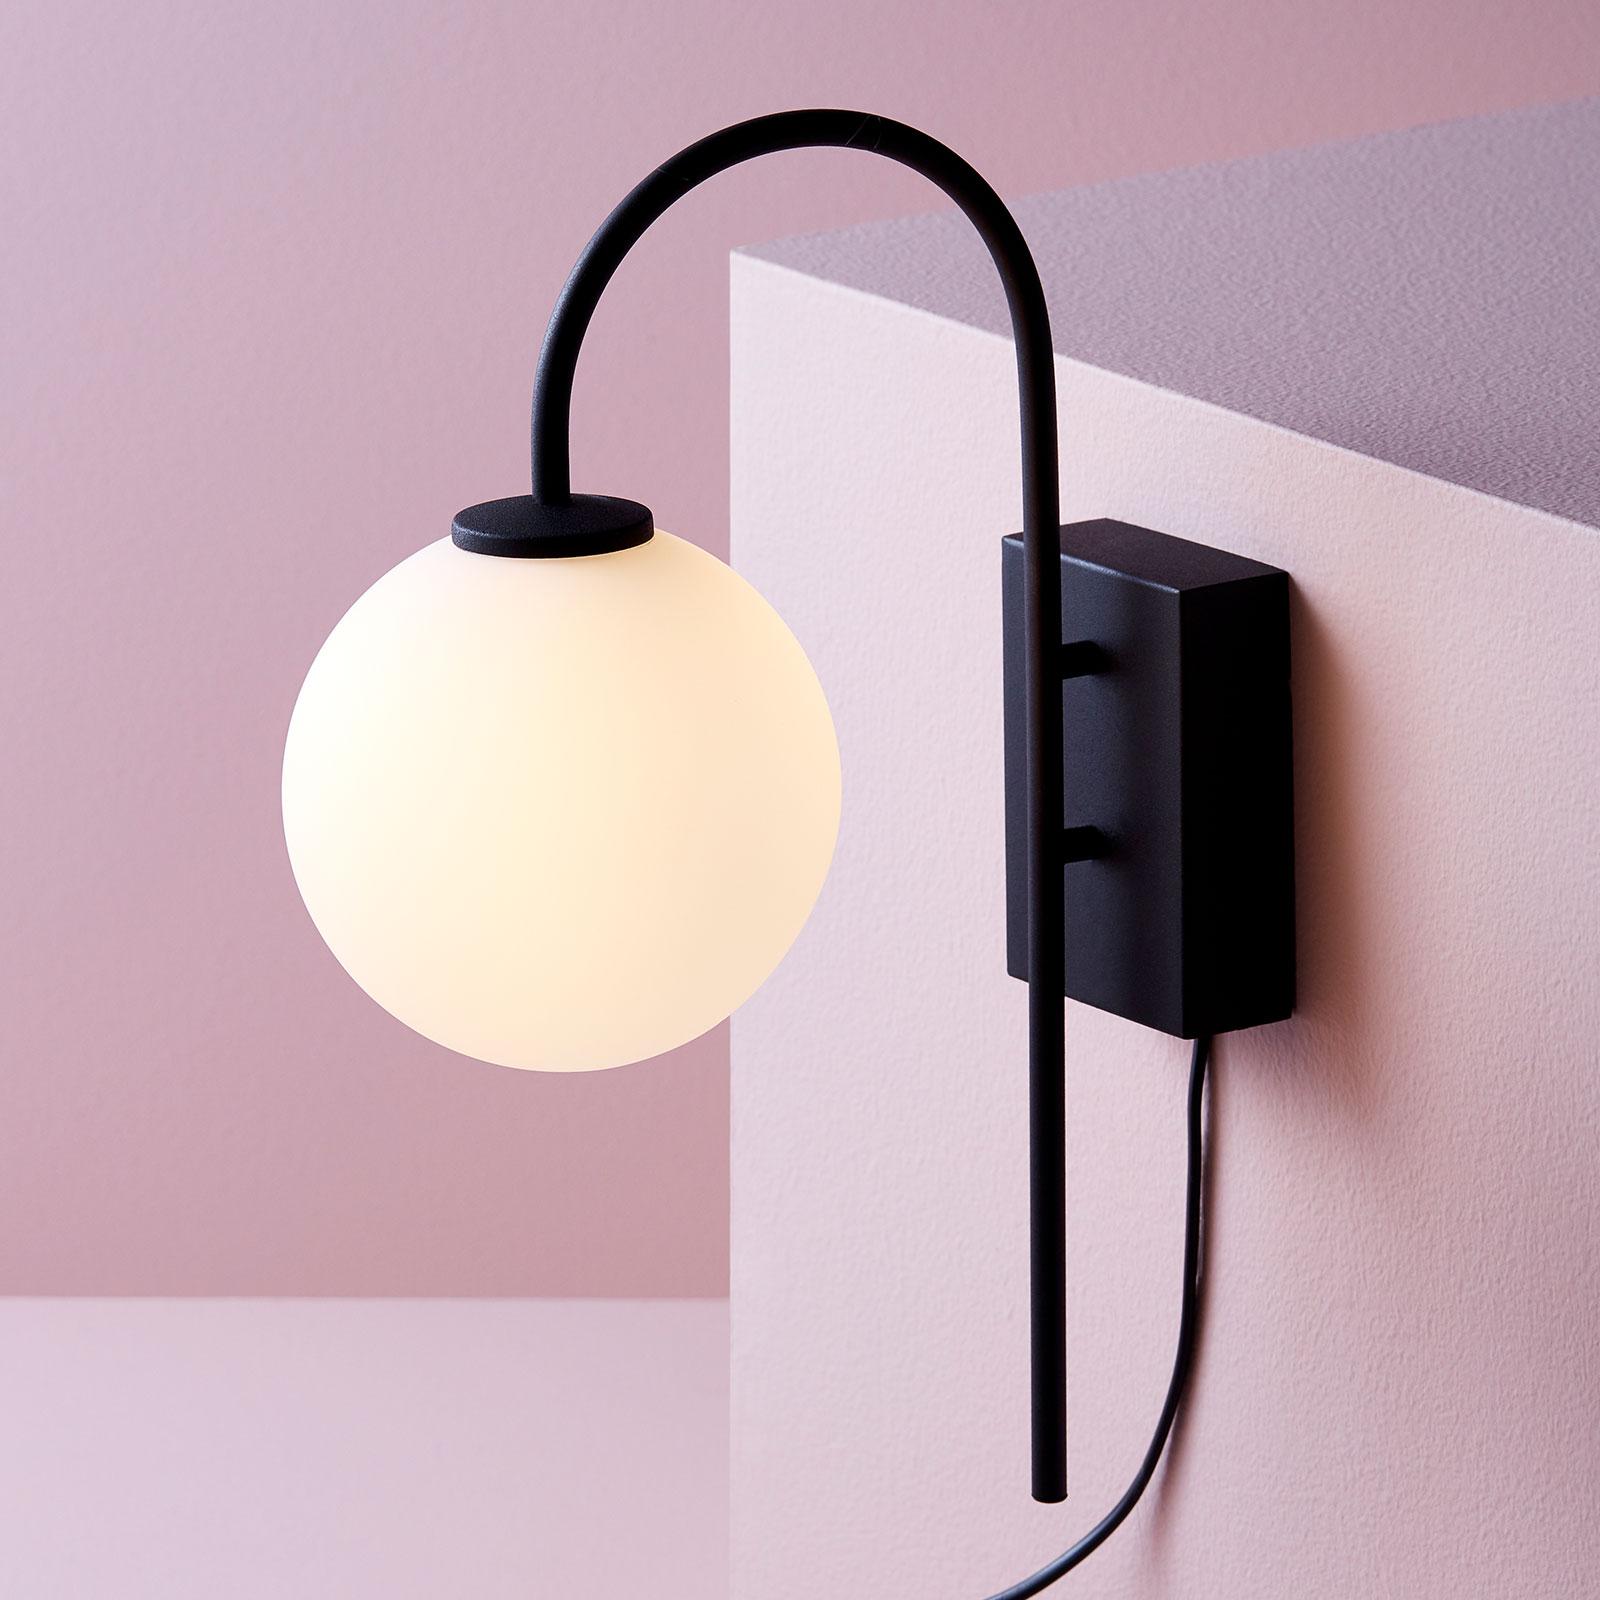 Wandlamp Ballon met stekker, 1-lamp, zwart